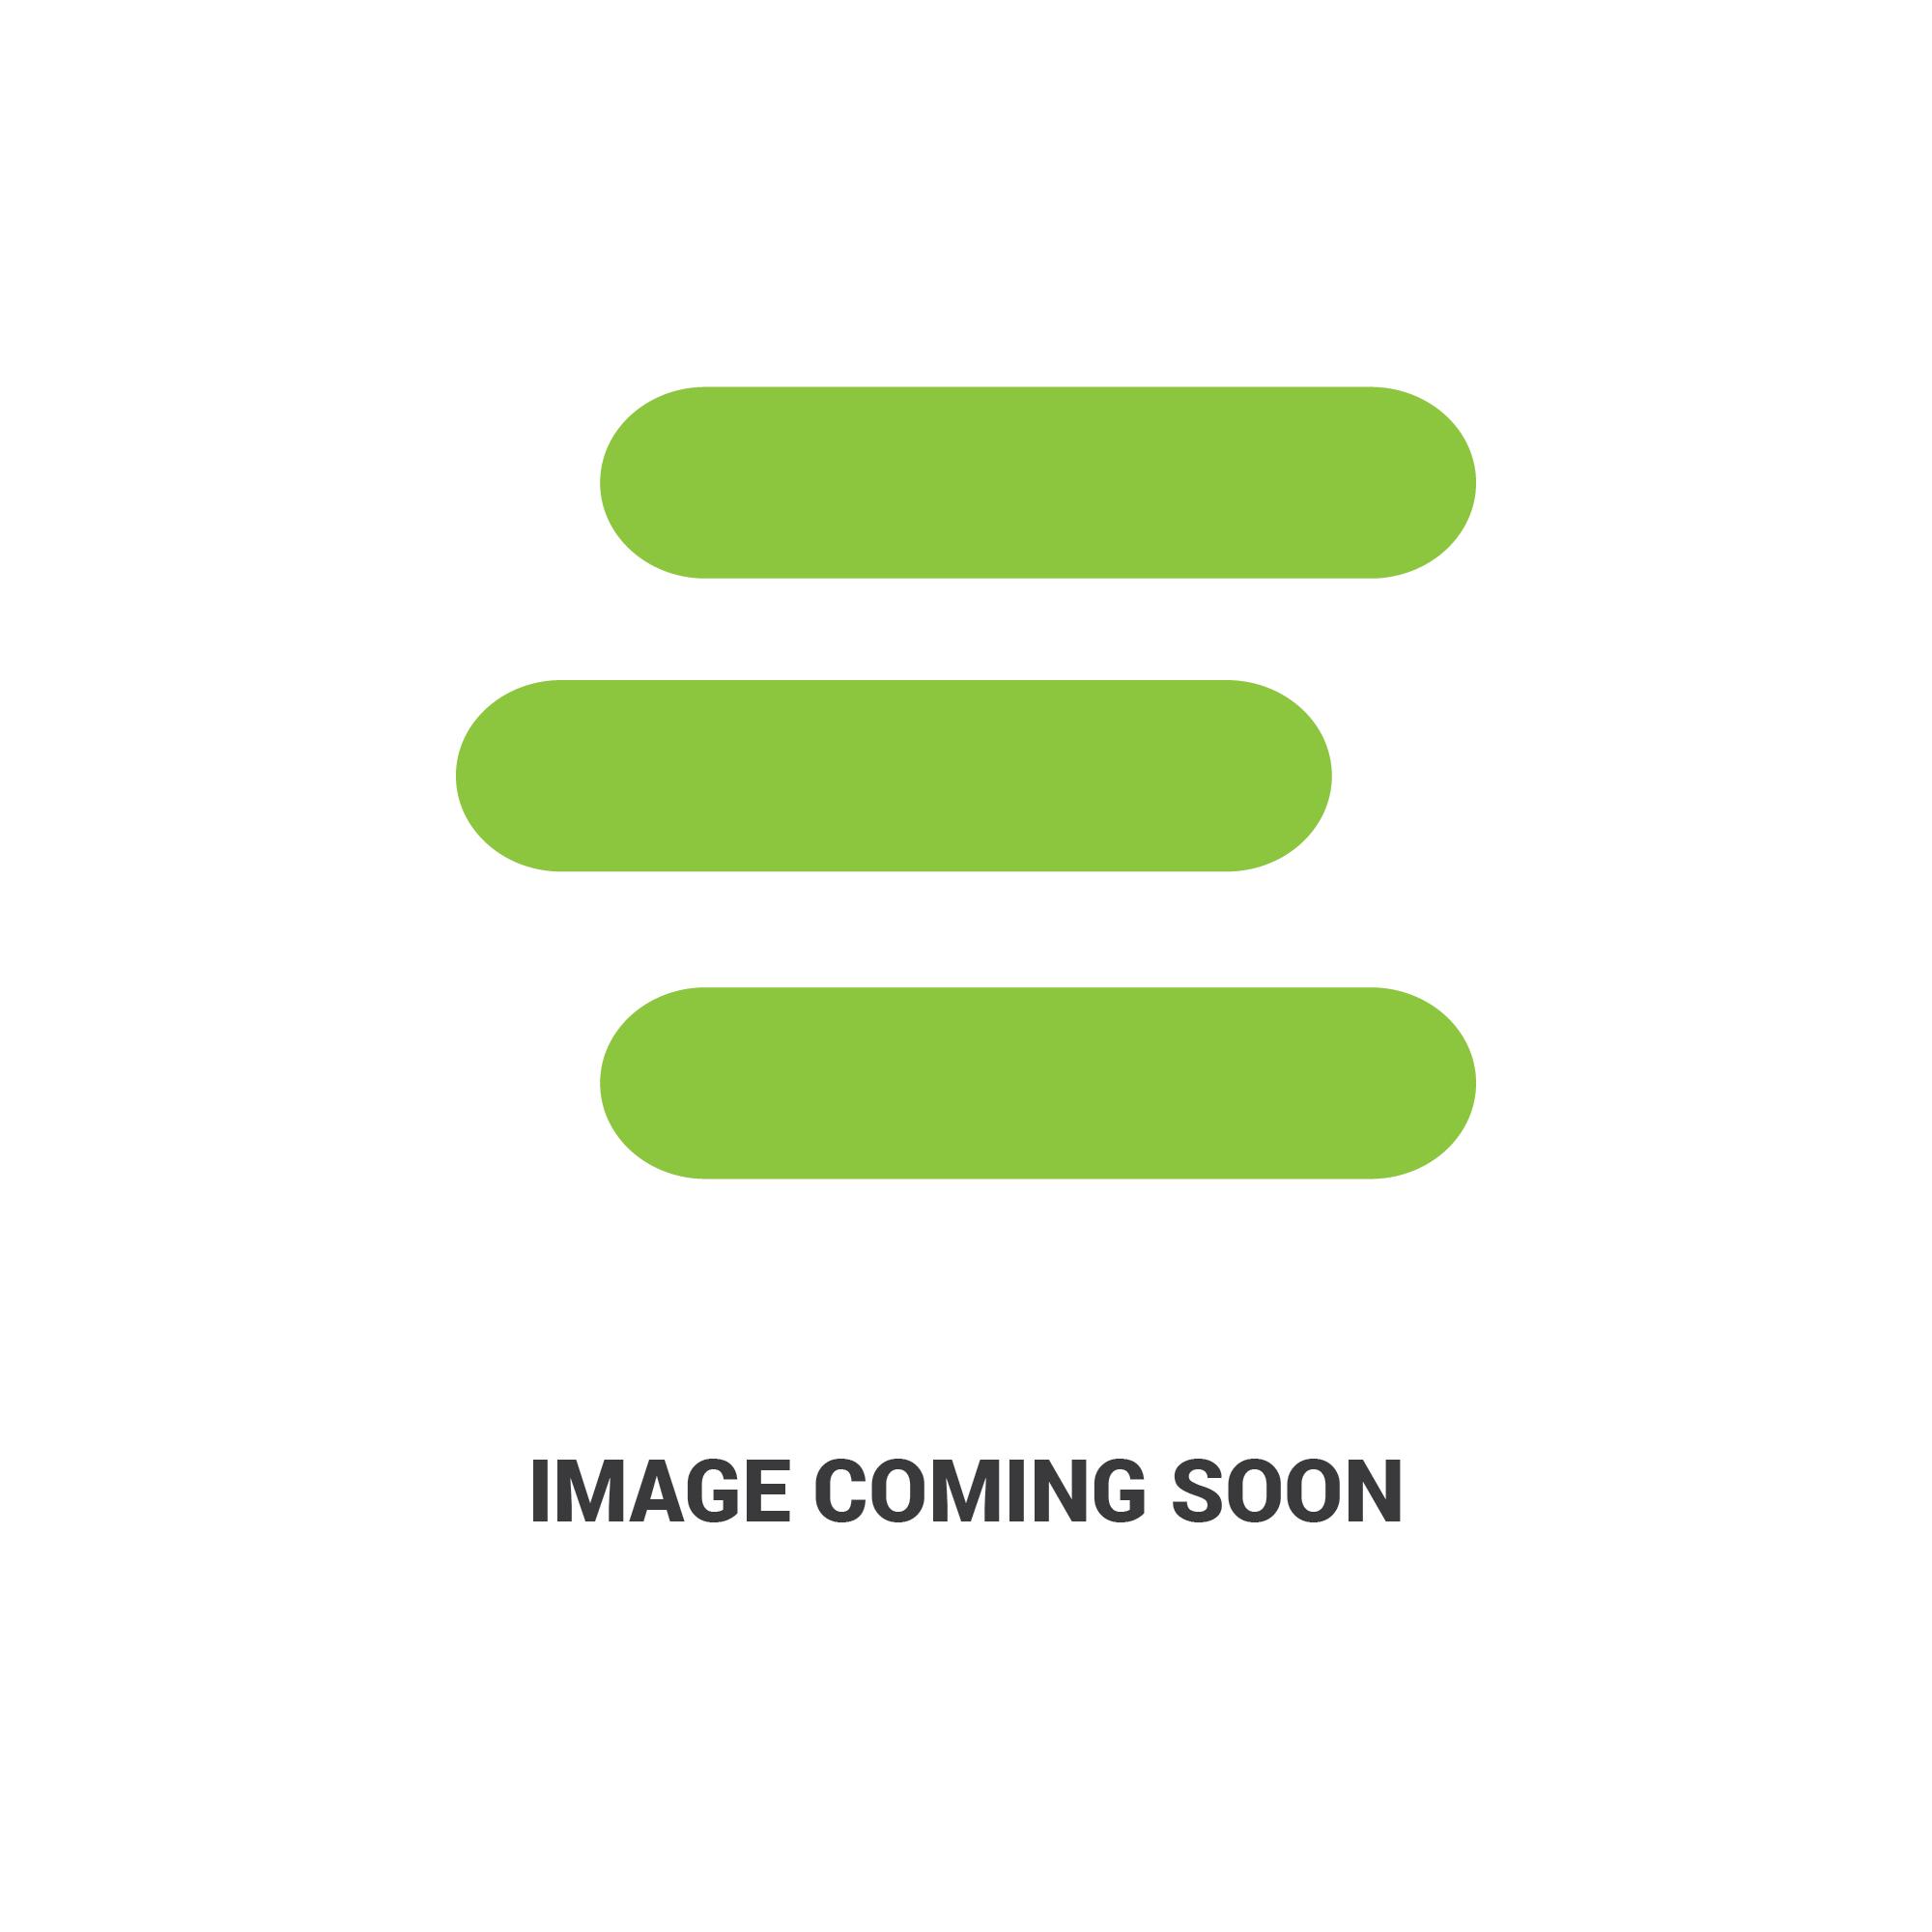 E-A59693edit 1.jpg